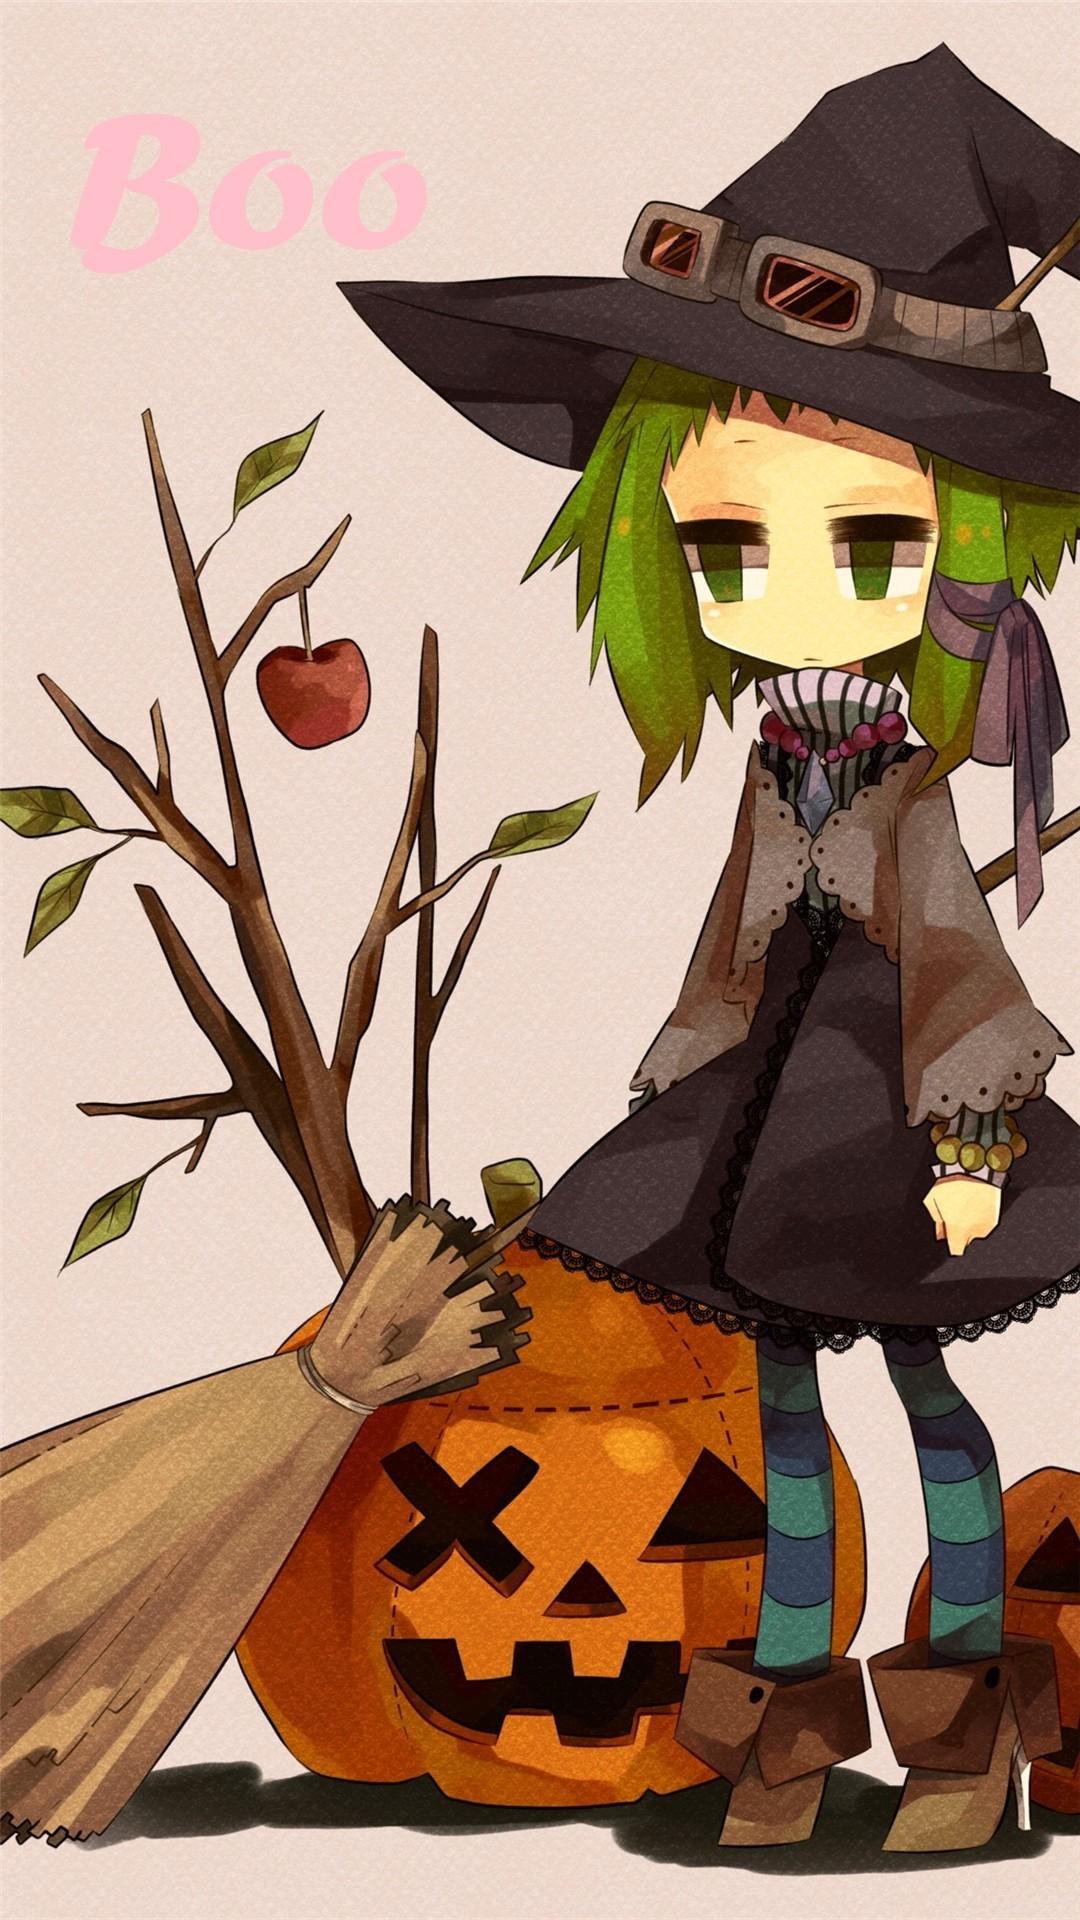 2014 Halloween BOO iPhone 6 plus wallpapers – girl, witch hat, broom,  pumpkin